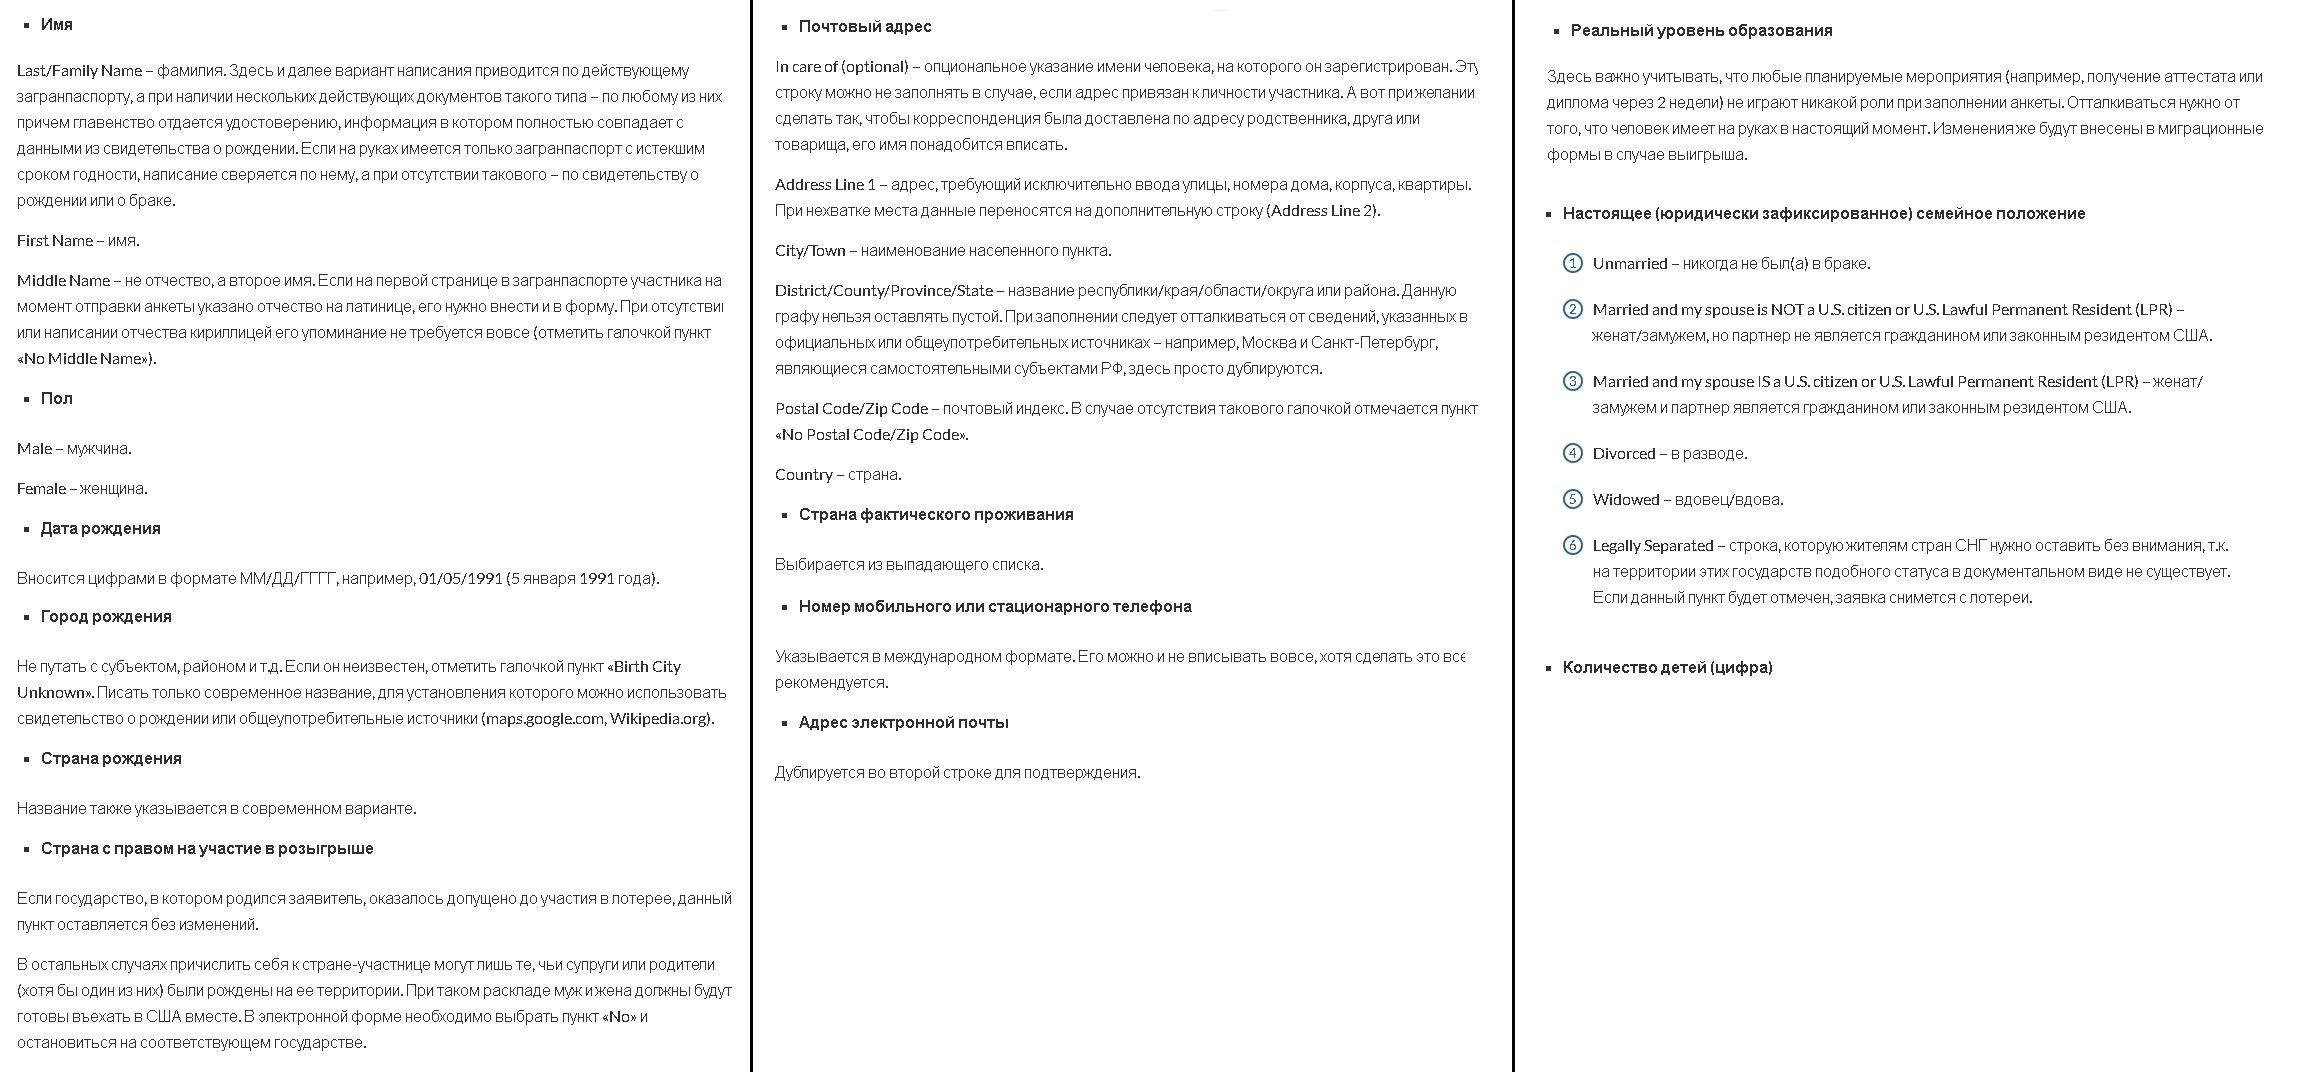 Вся информация о green card в сша